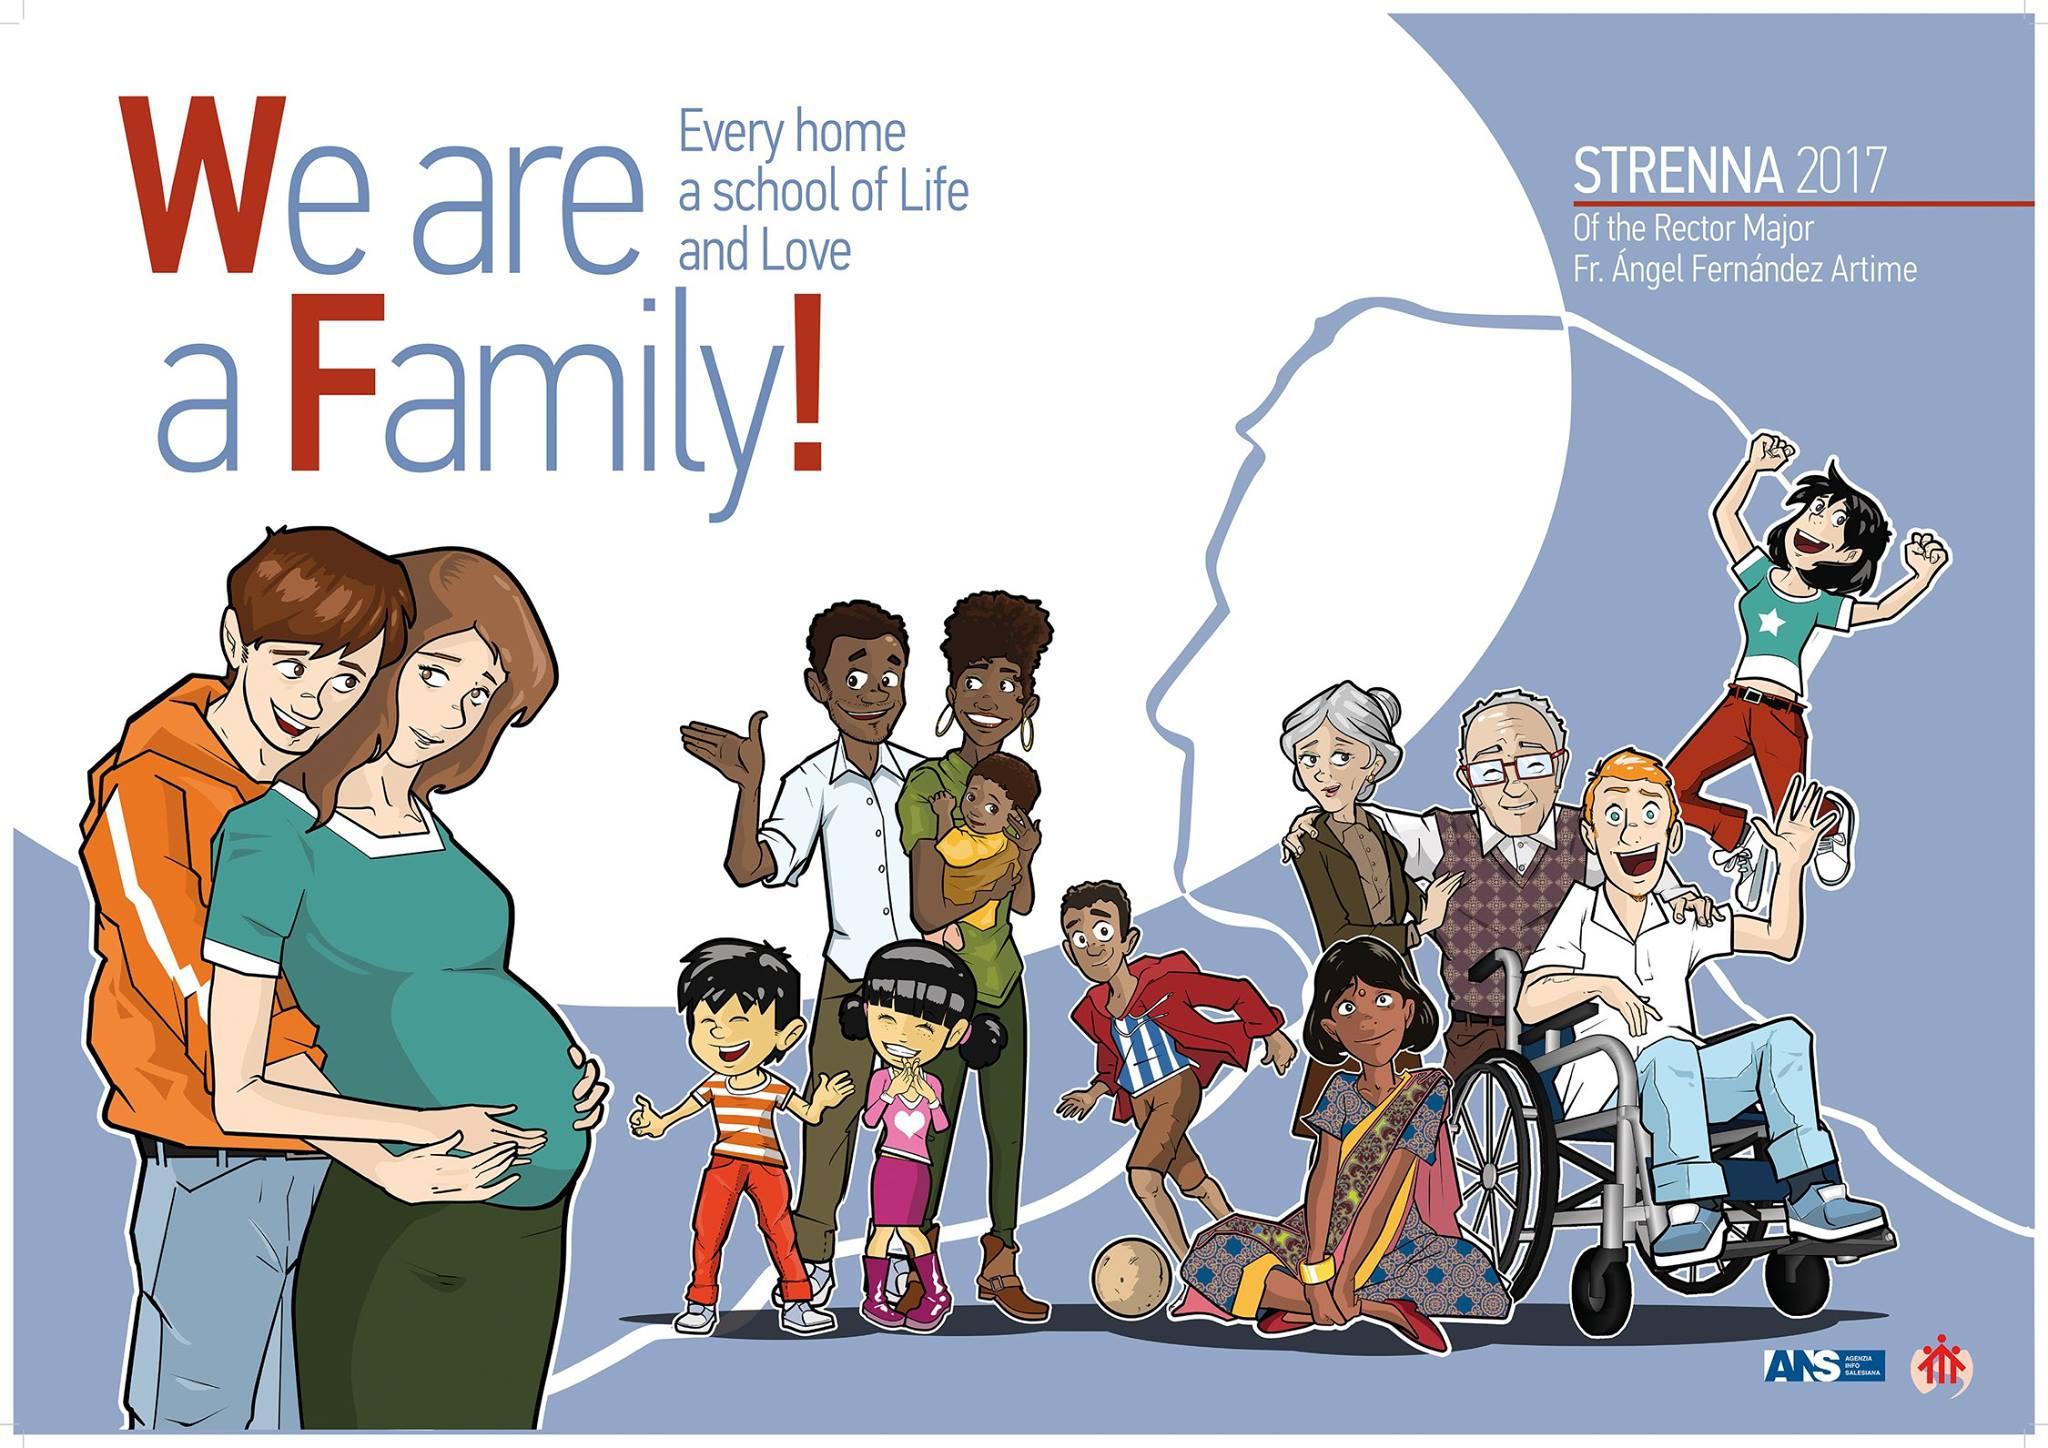 Strenna 2017 FAMILY.jpg